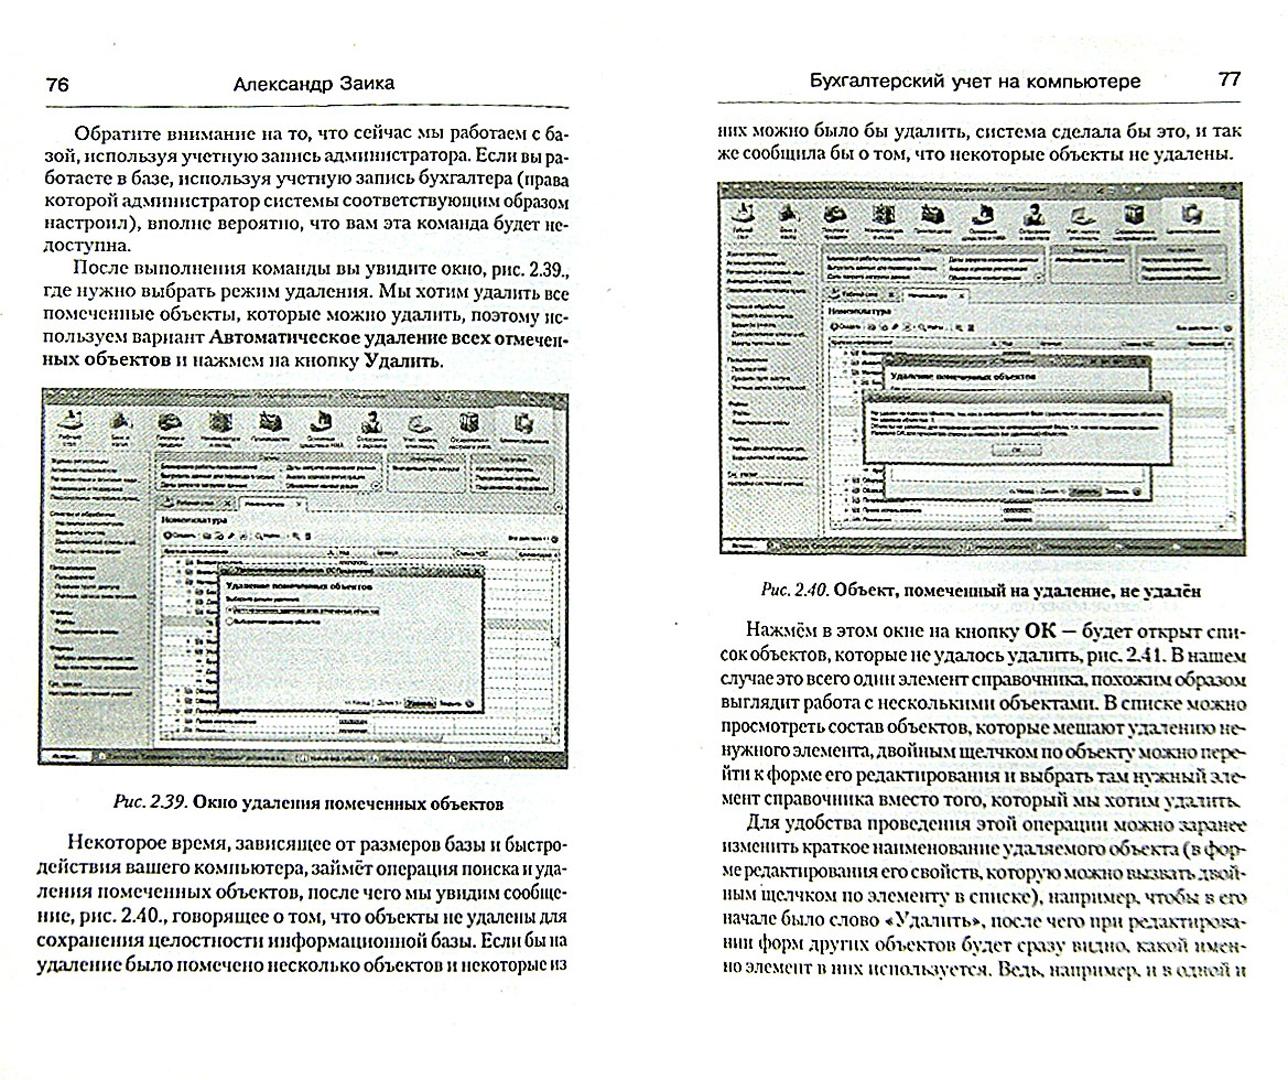 Иллюстрация 1 из 23 для Бухгалтерский учет на компьютере - Александр Заика | Лабиринт - книги. Источник: Лабиринт